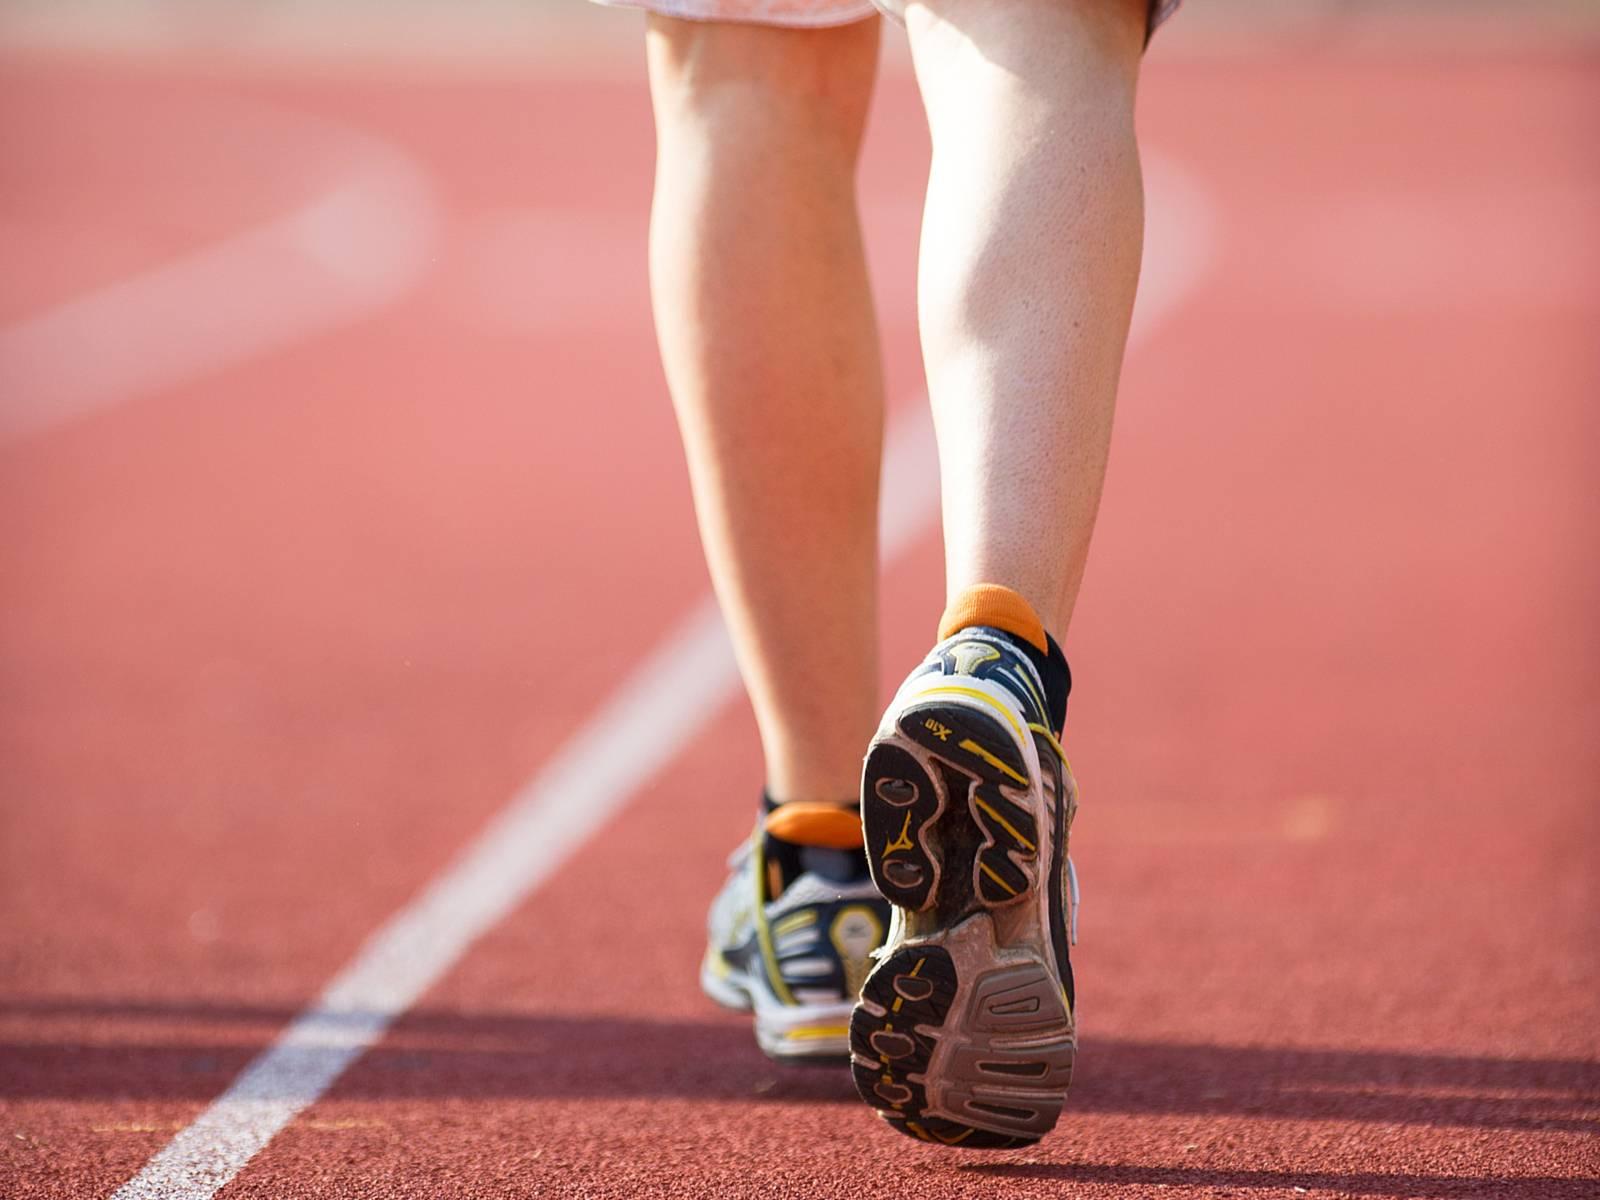 Beine eines Sportlers beim Laufen auf einem Sportplatz.